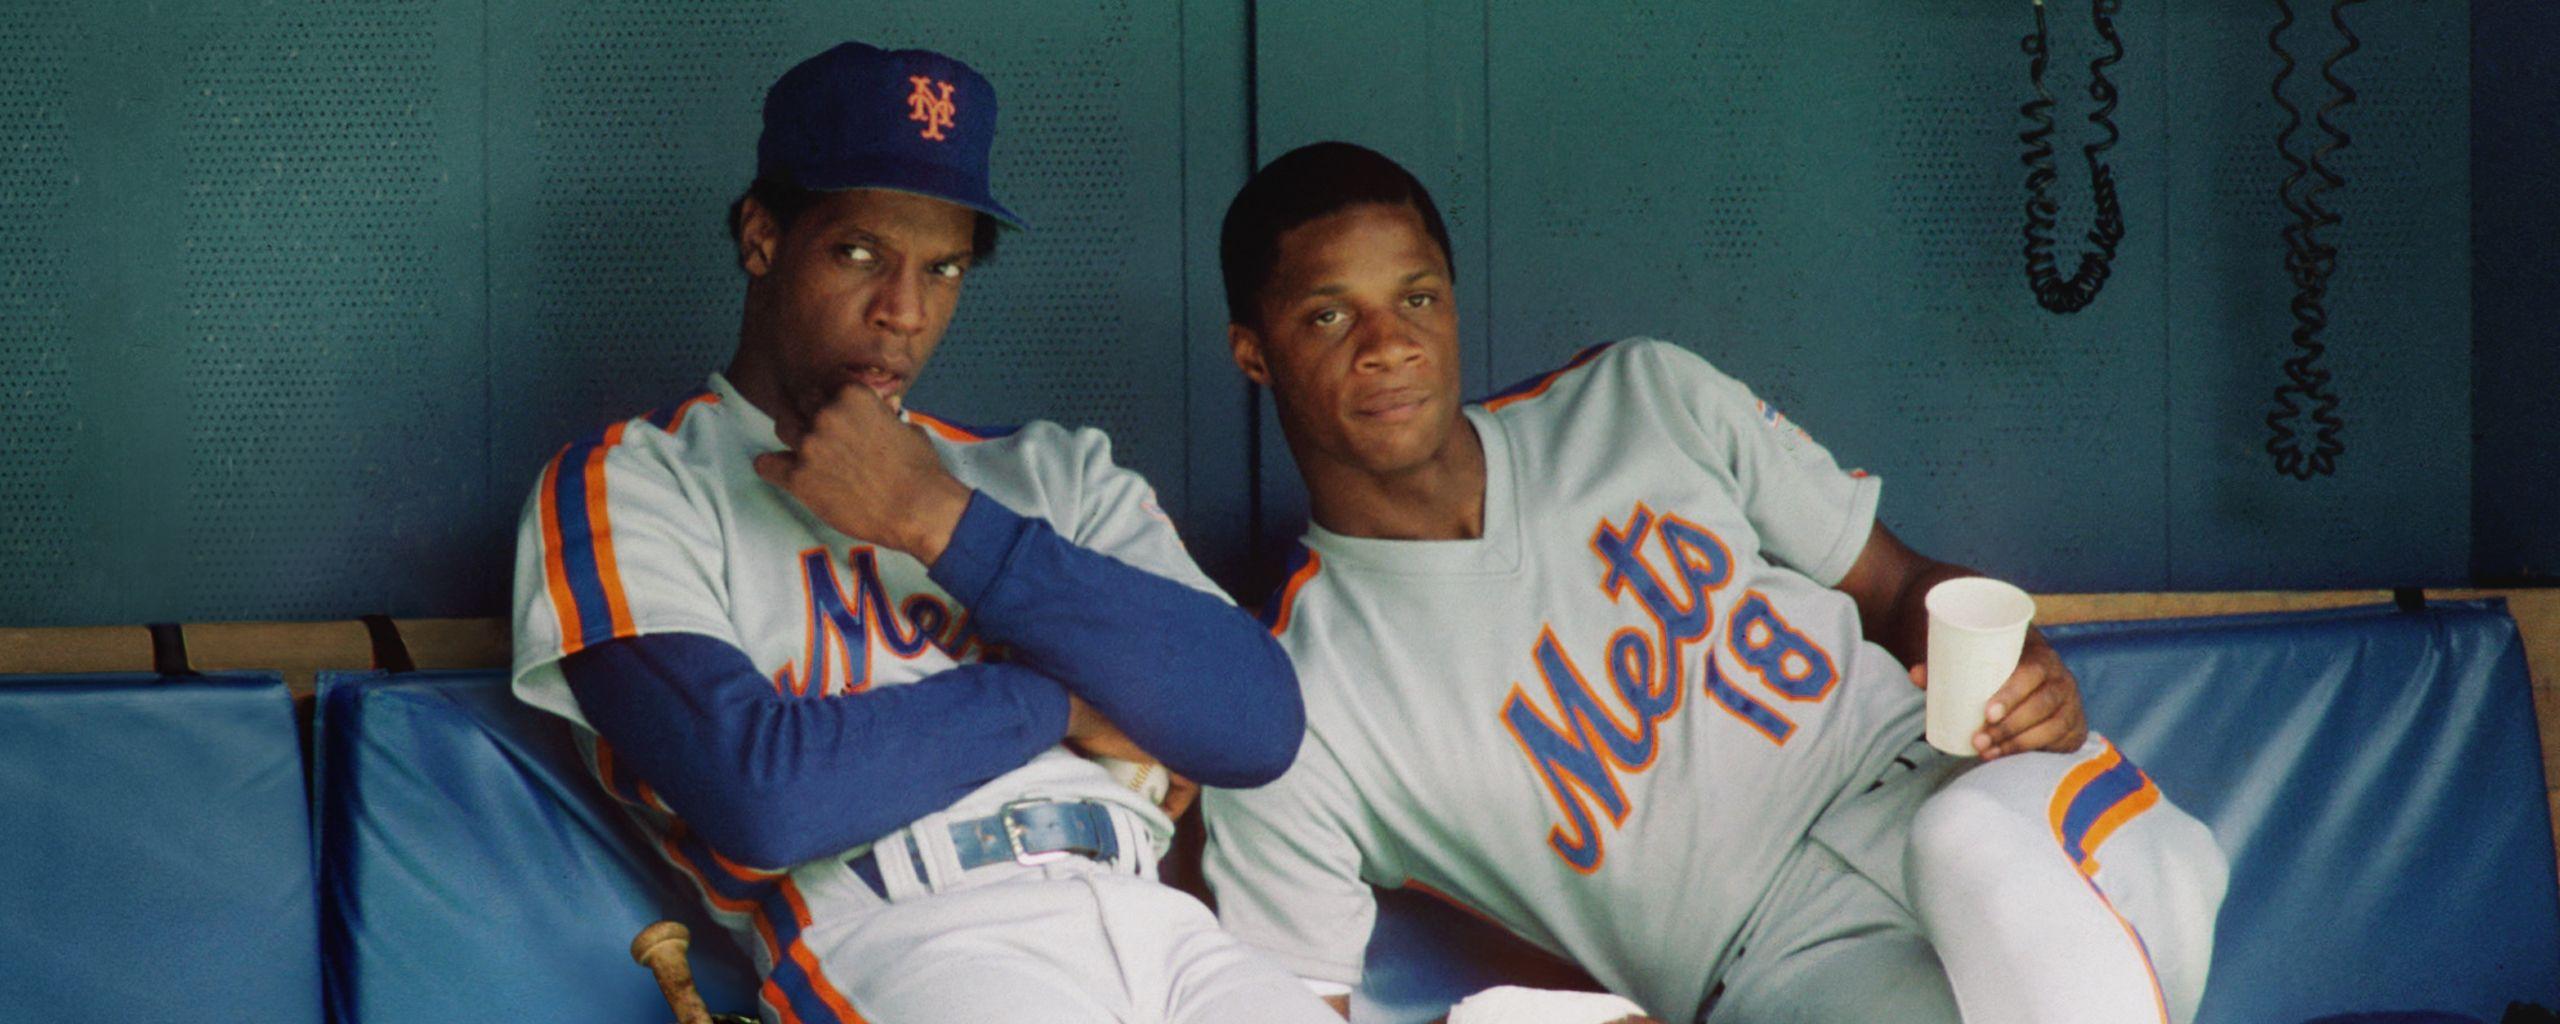 Doc & Darryl